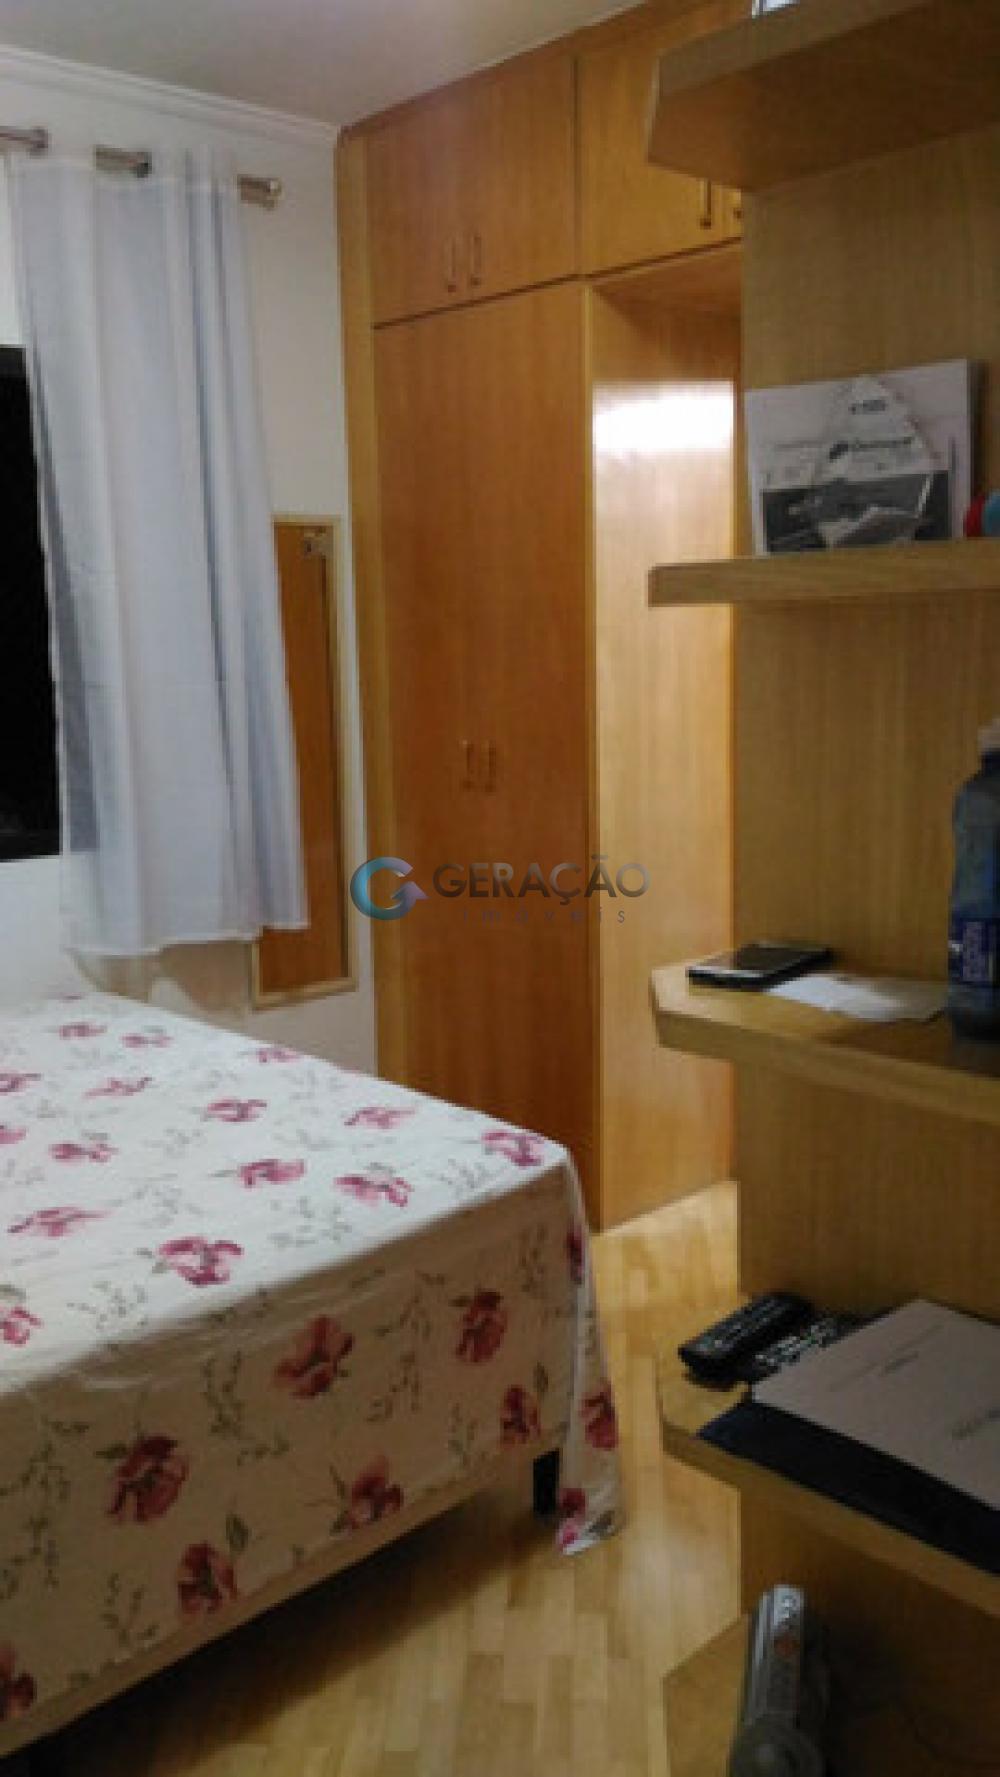 Comprar Apartamento / Padrão em São José dos Campos apenas R$ 360.000,00 - Foto 7